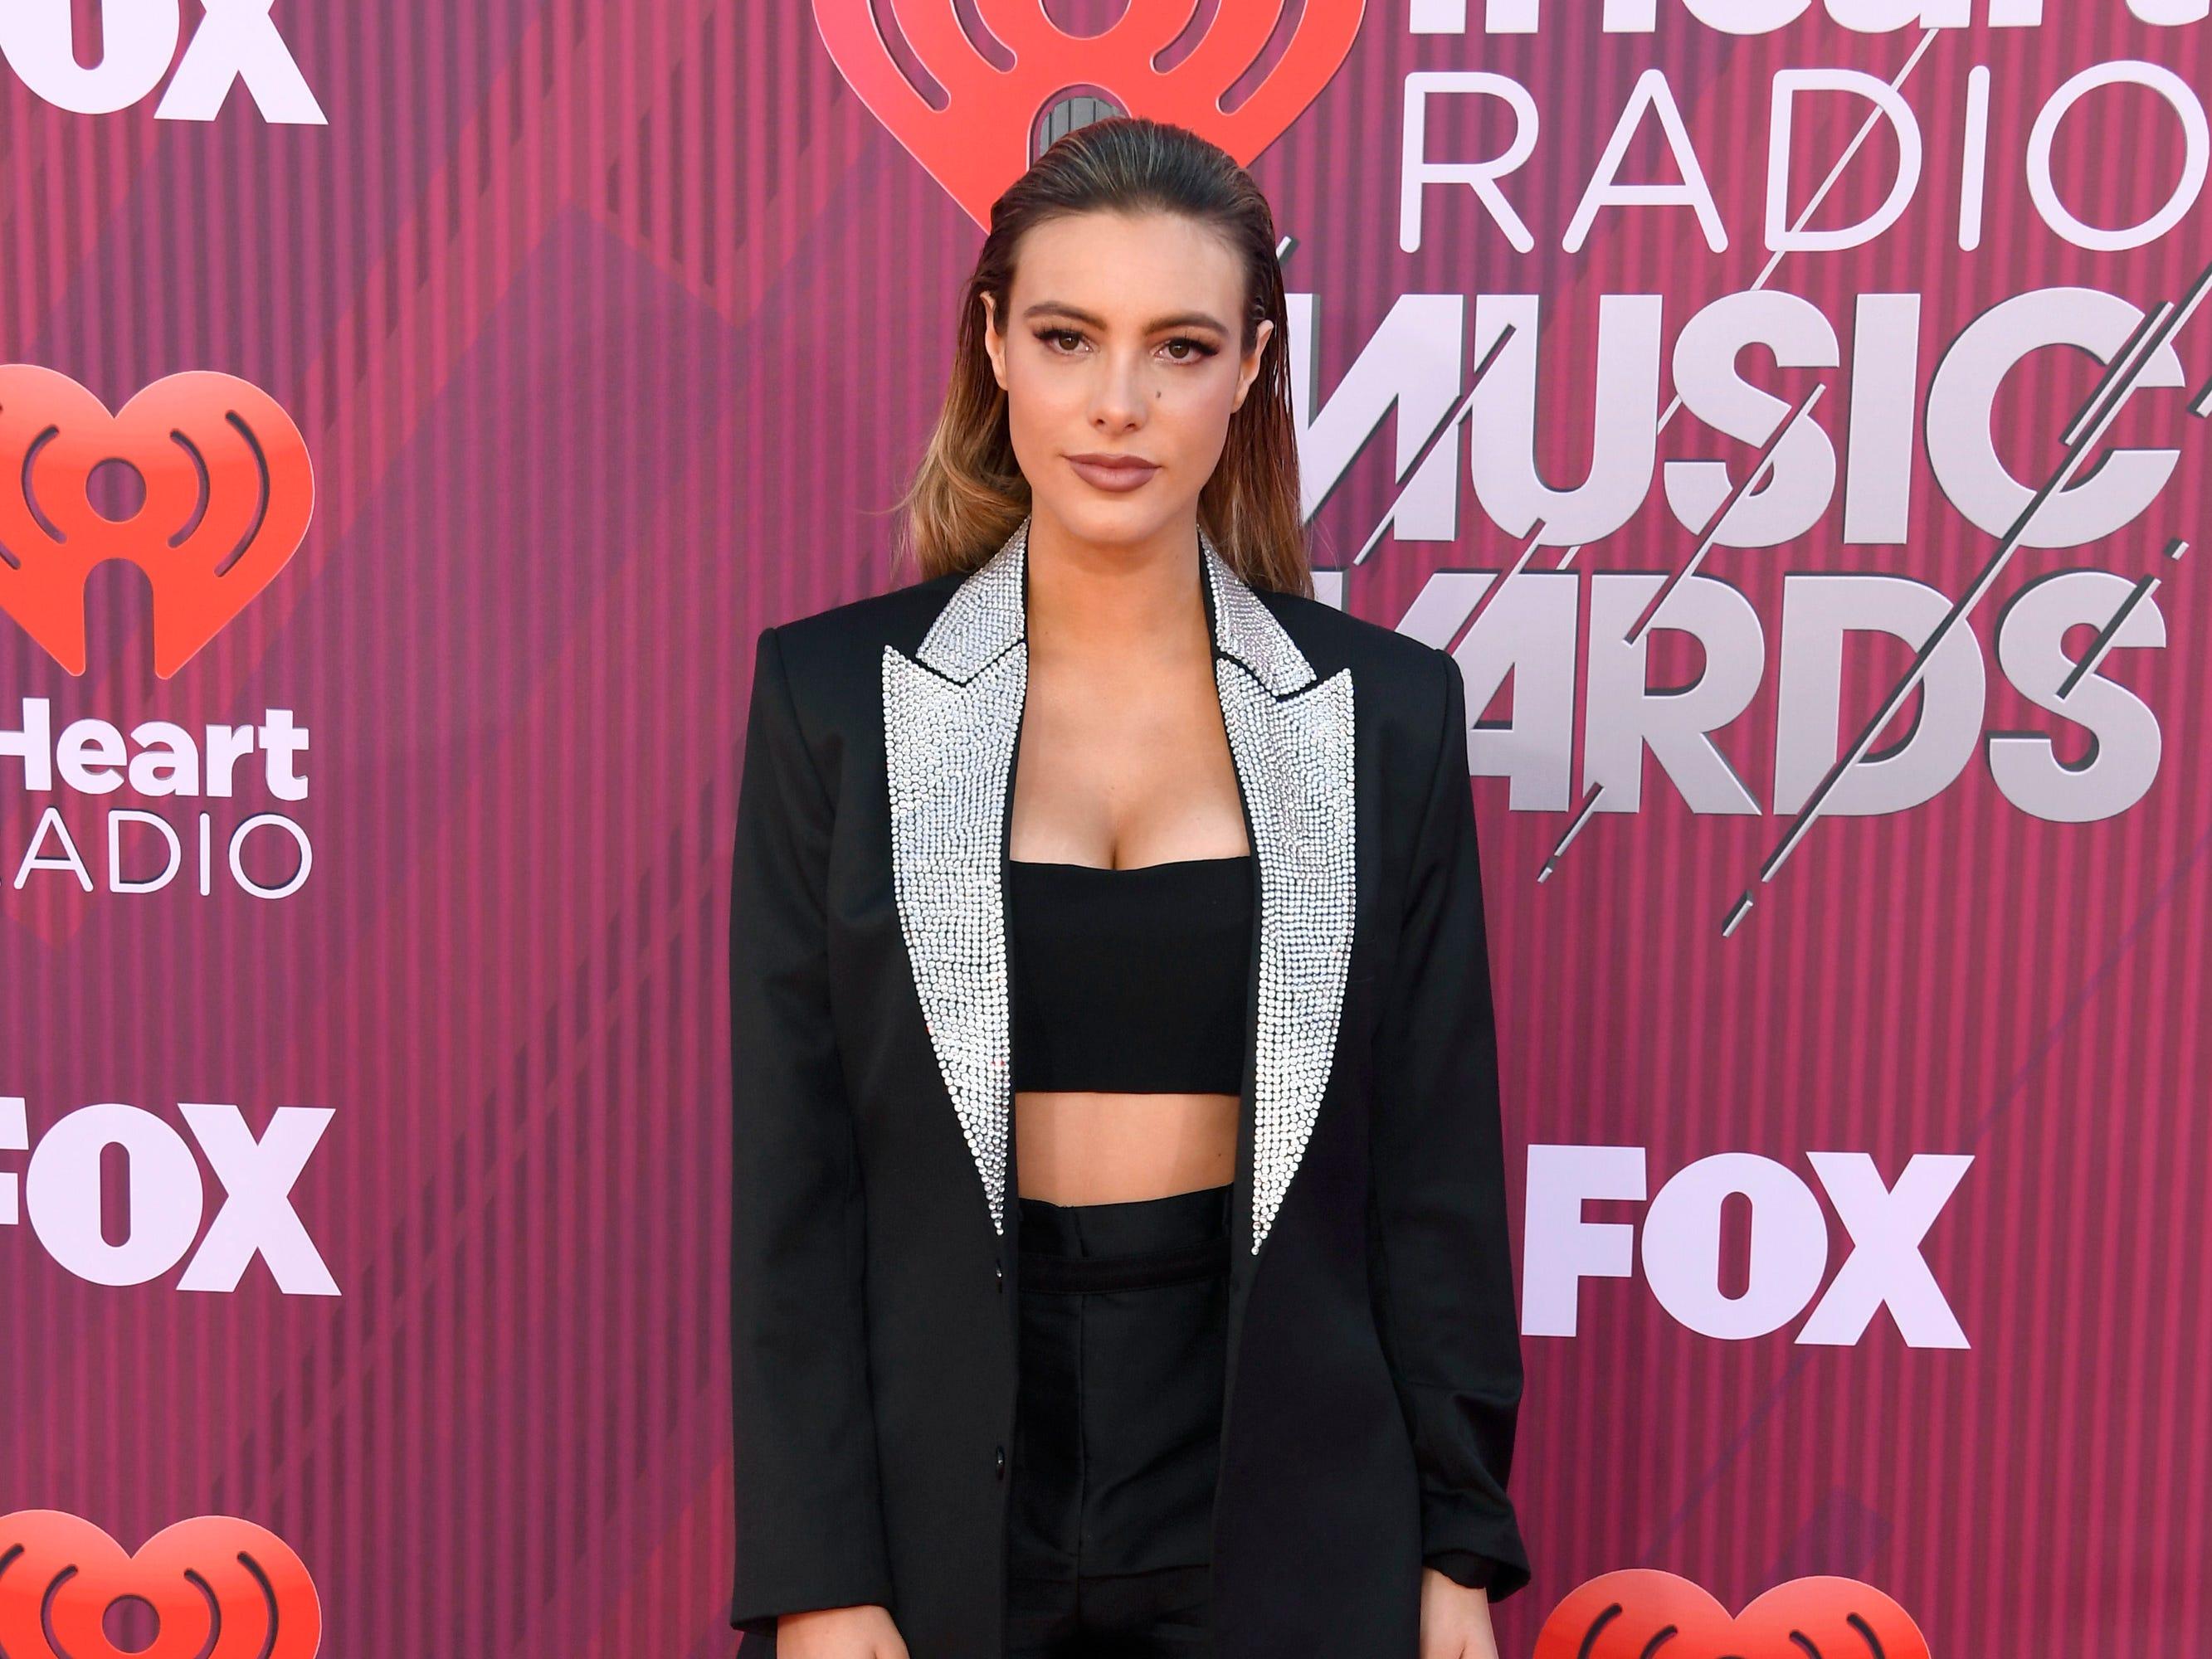 Lele Pons a su llegada a los premios iHeart Radio Music Awards en 2019 el 14 de marzo de 2019 en Los Angeles, California.